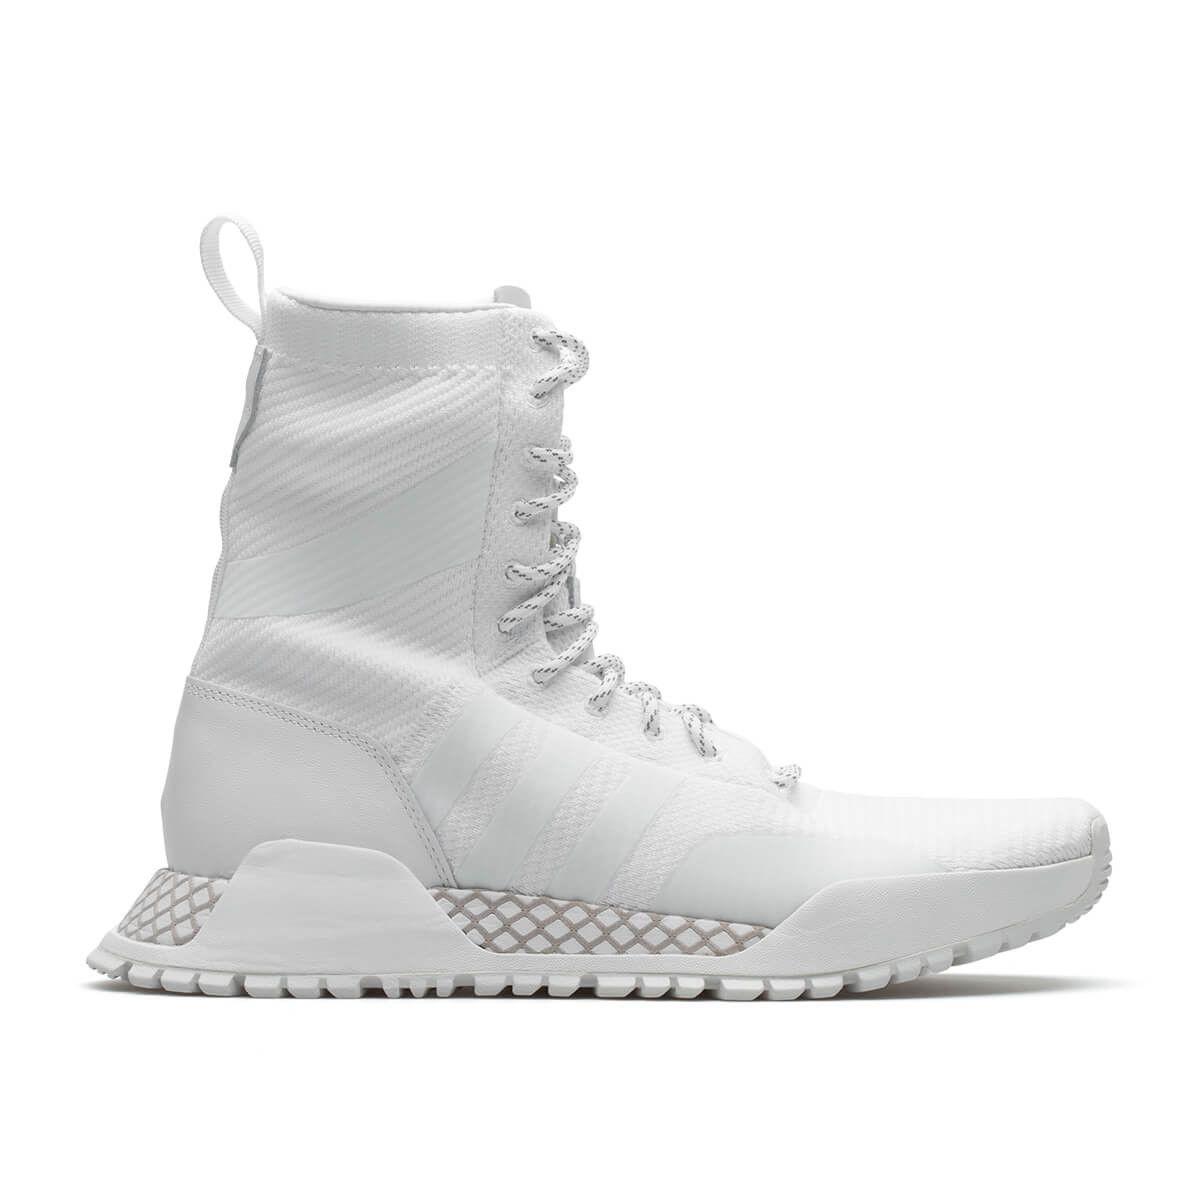 3a5920f4f3c8a6 F 1.3 PK from the F W2017-18 Adidas Originals collection in white